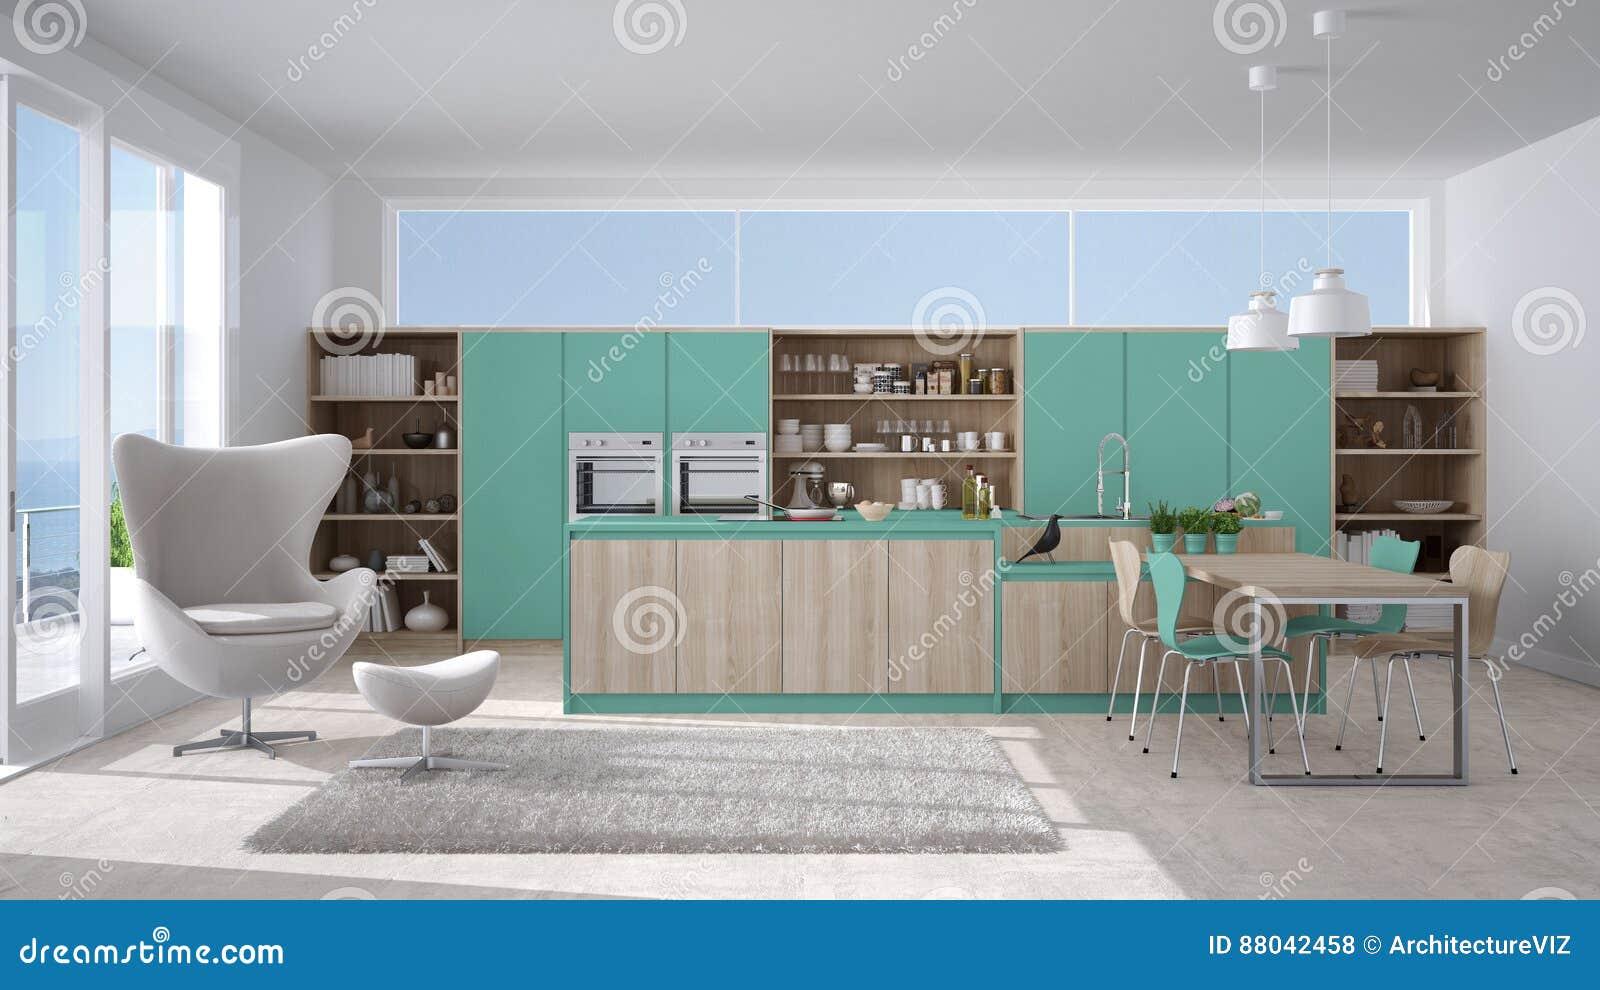 Moderne witte en turkooise keuken met houten details grote wind stock illustratie afbeelding - Hout en witte keuken ...